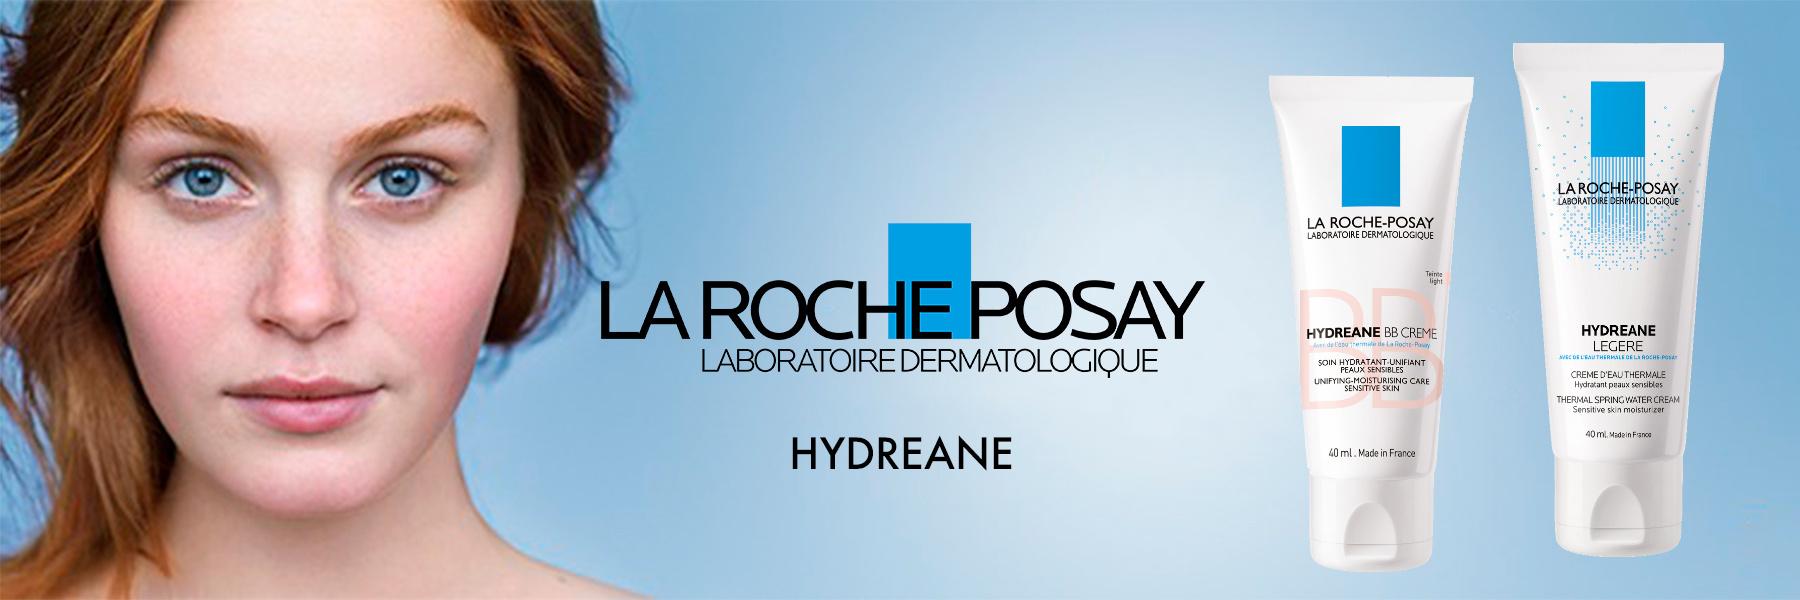 La Roche Posay Hydreane